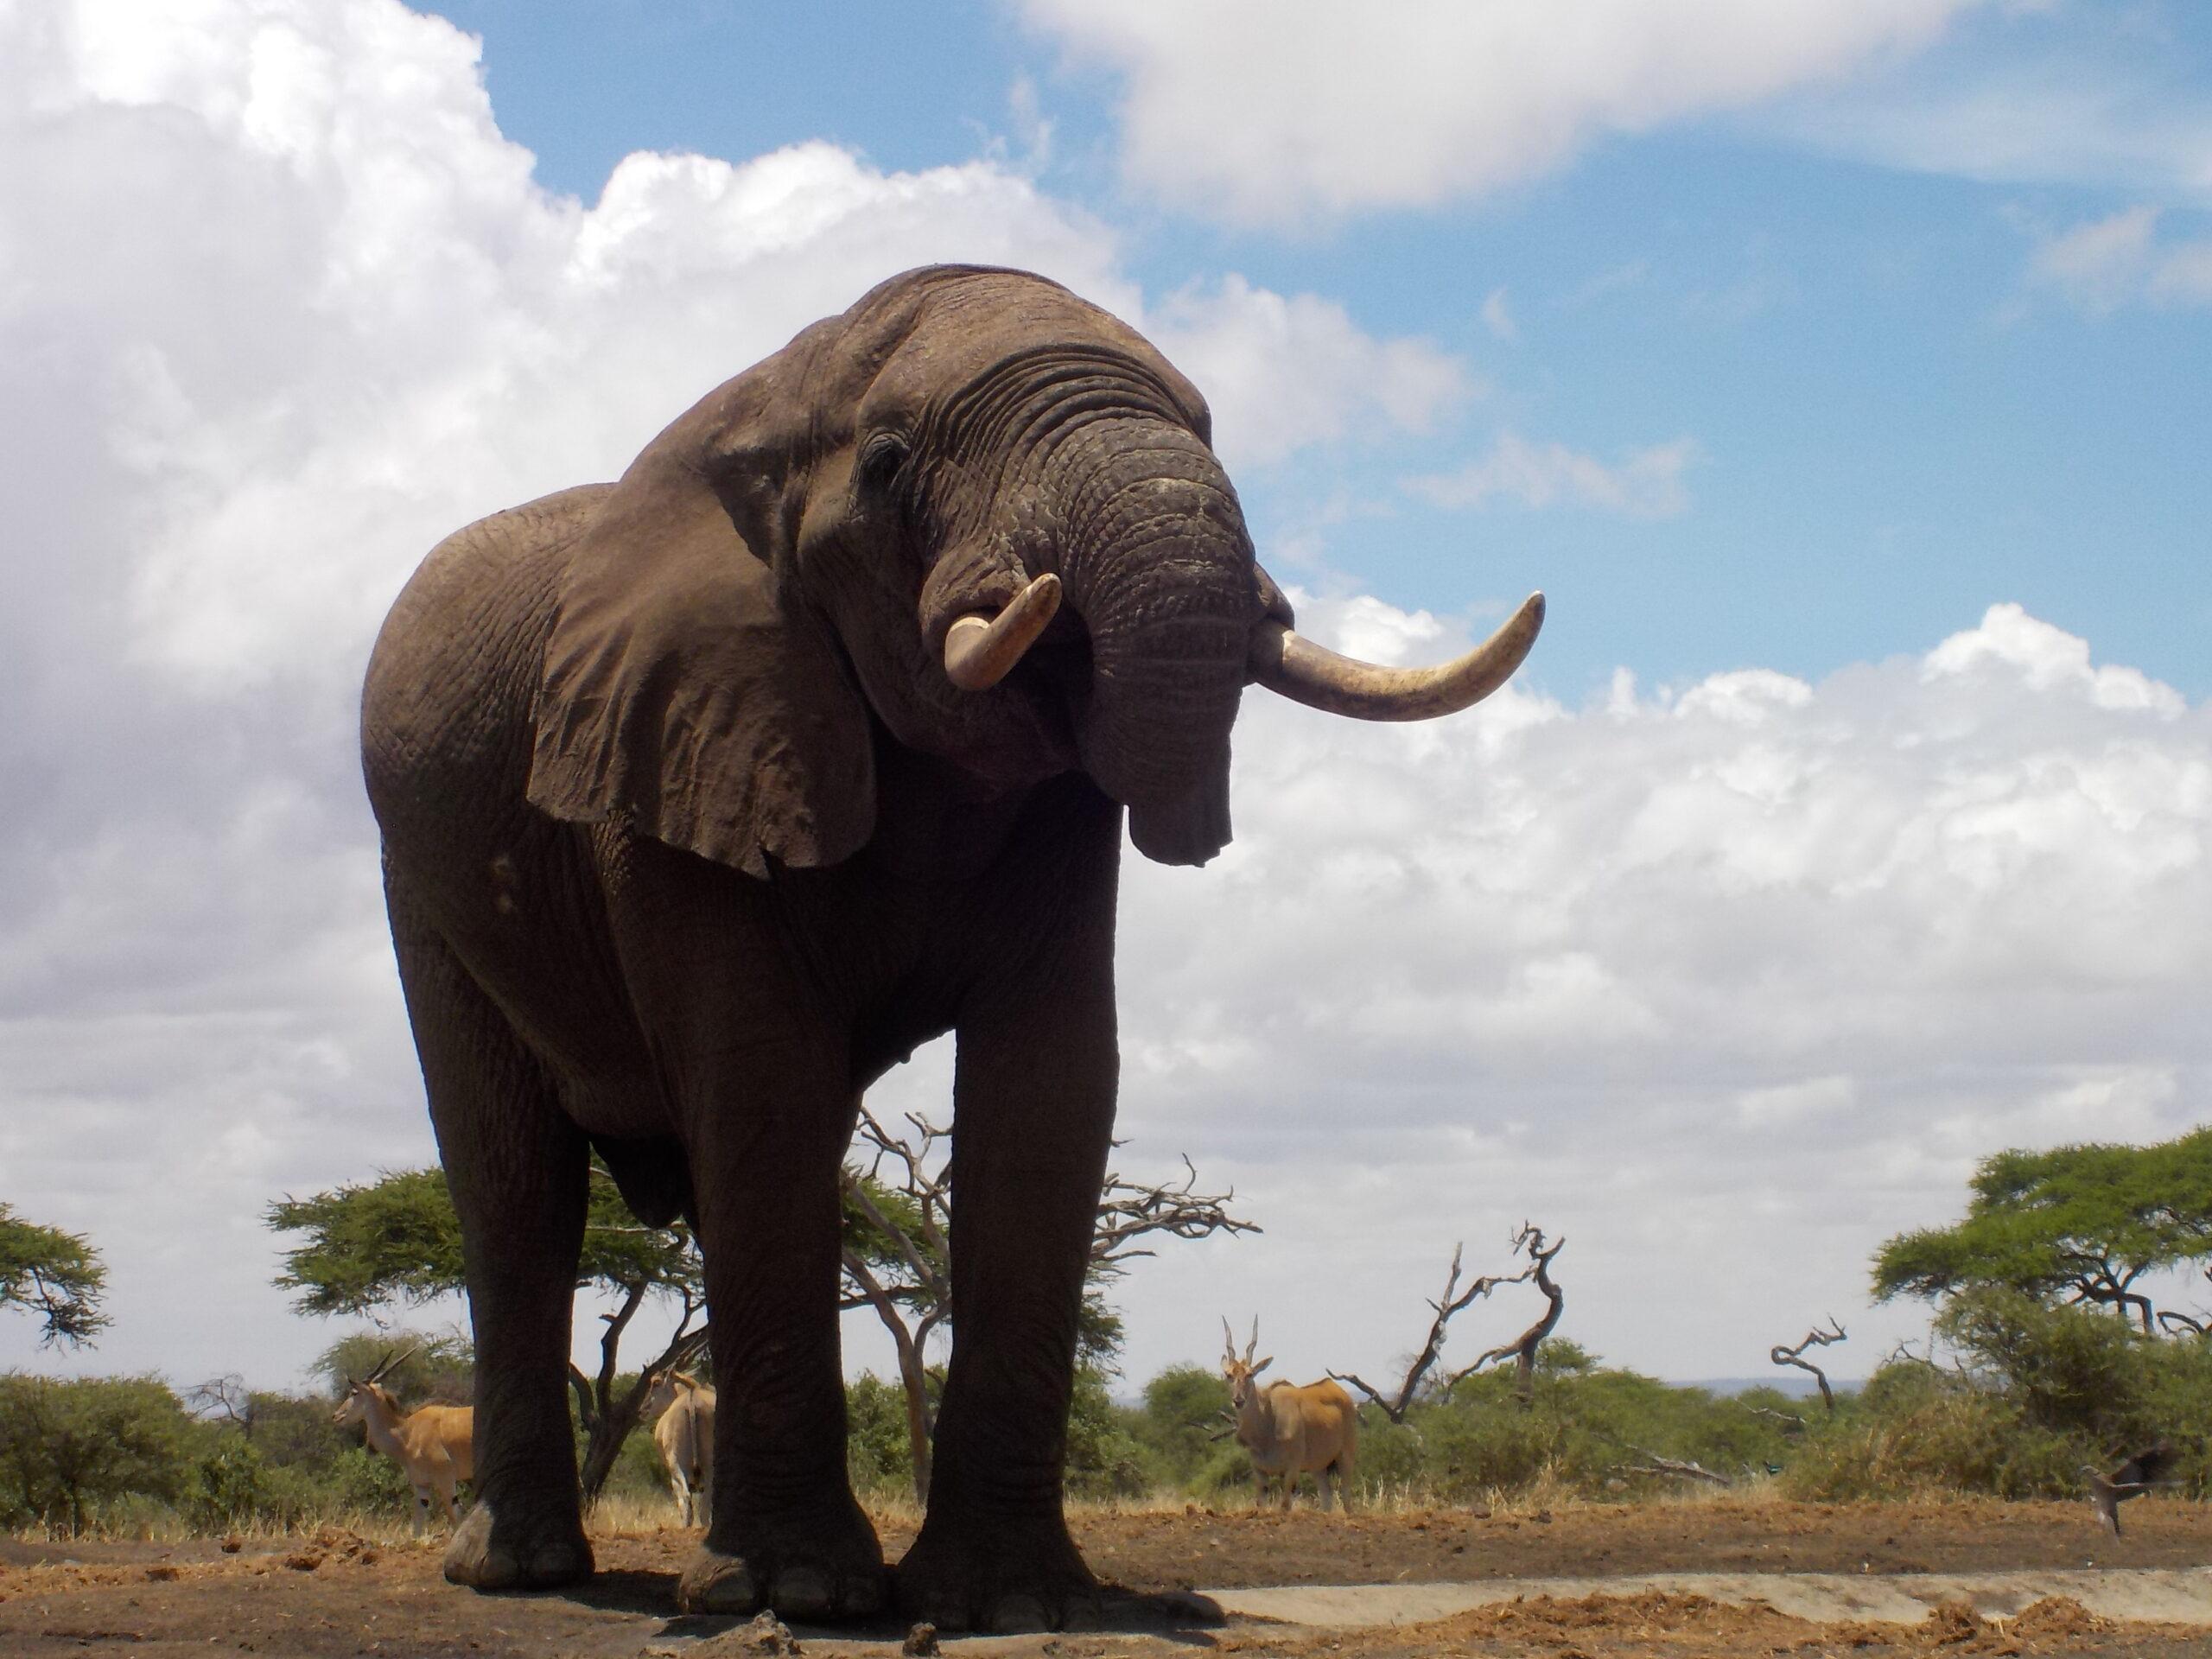 Safari te paard in Ol Donyo / Kenia - Vakantie te paard / Reisbureau Perlan